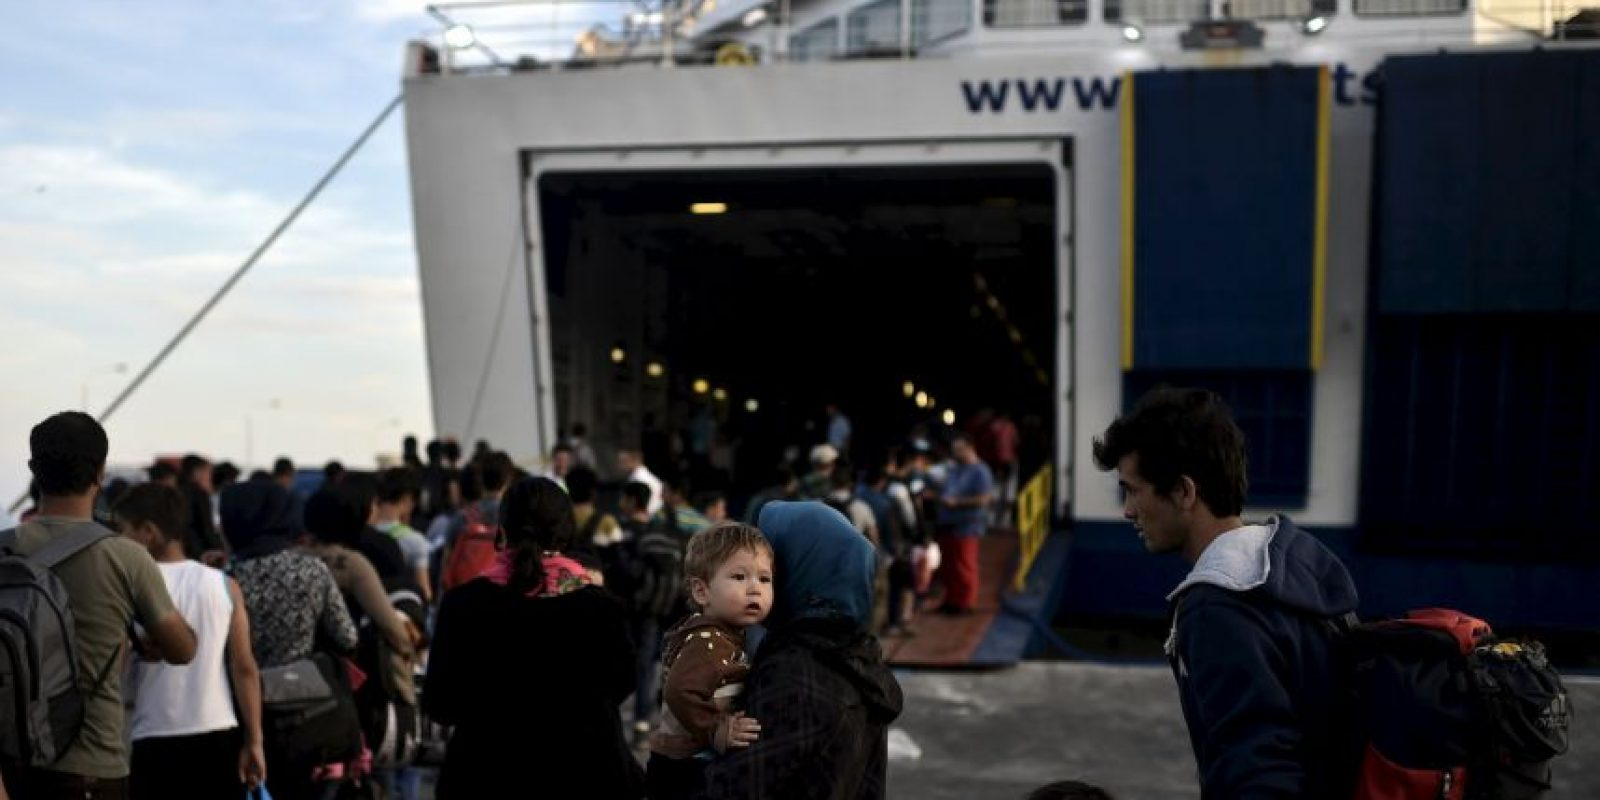 El número total de refugiados y migrantes que cruzaron el Mediterráneo este año es de casi 530 mil. Foto:AFP